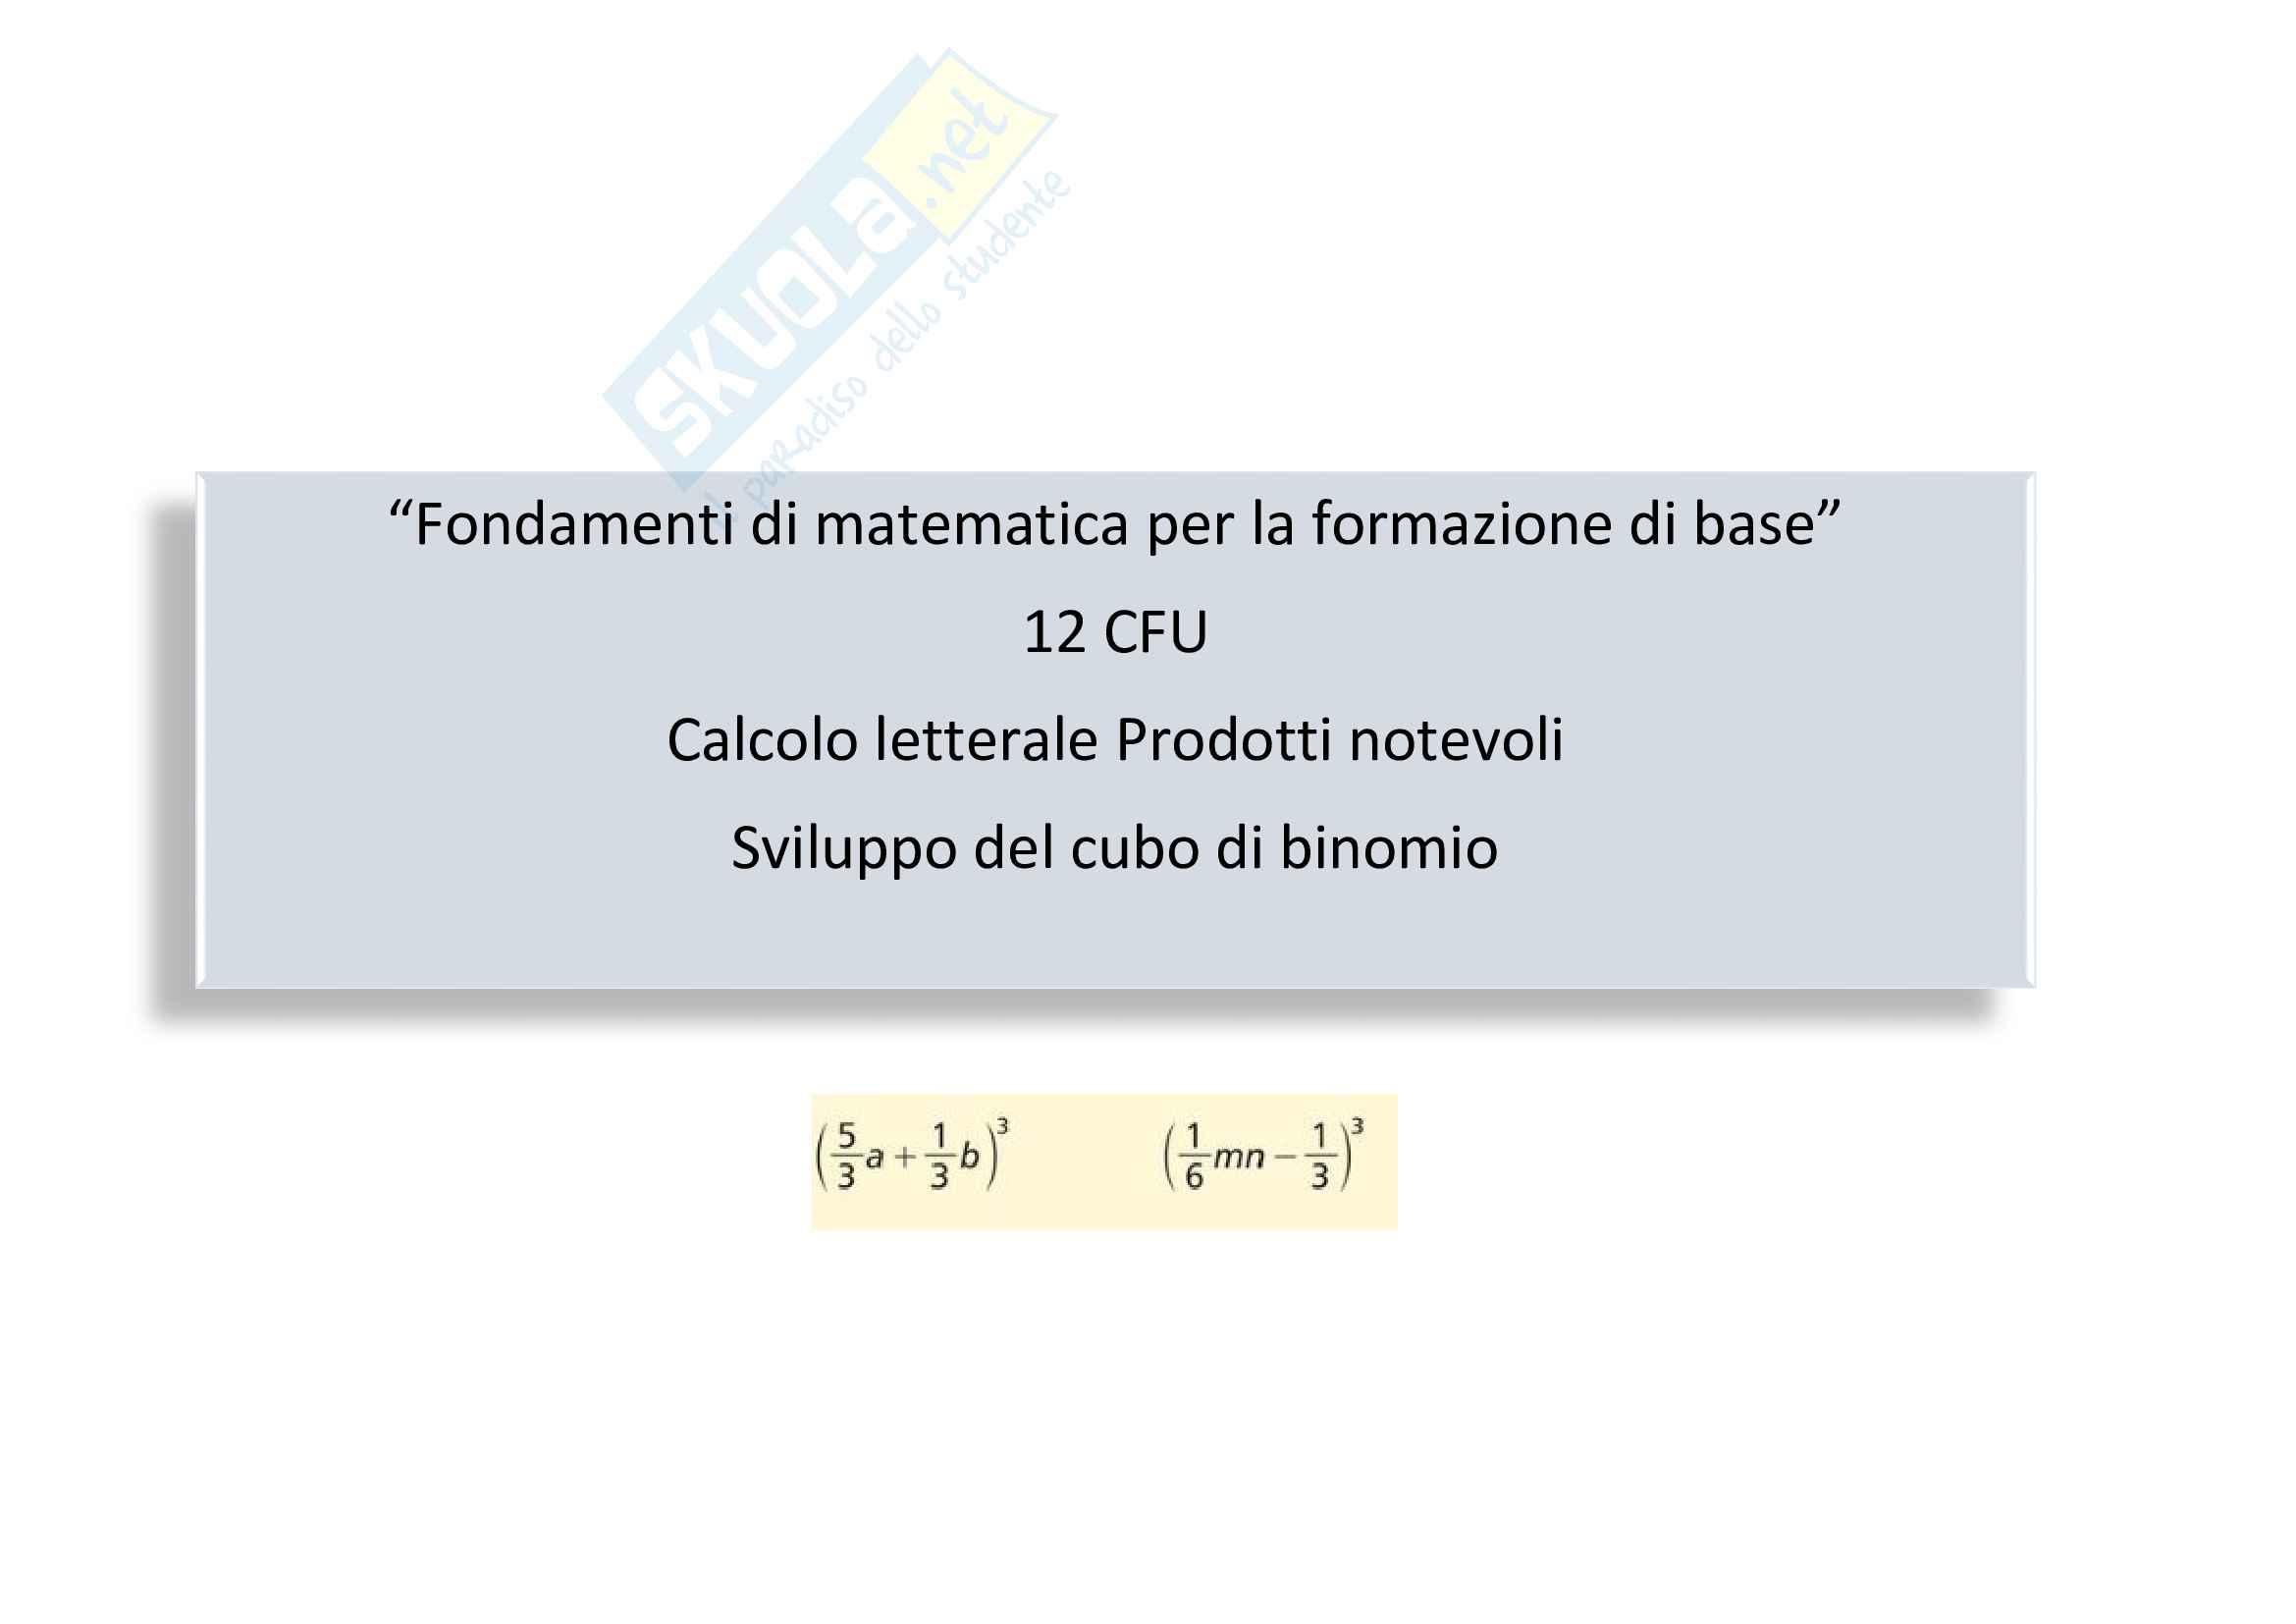 calcolo letterale: Sviluppo del cubo di binomio